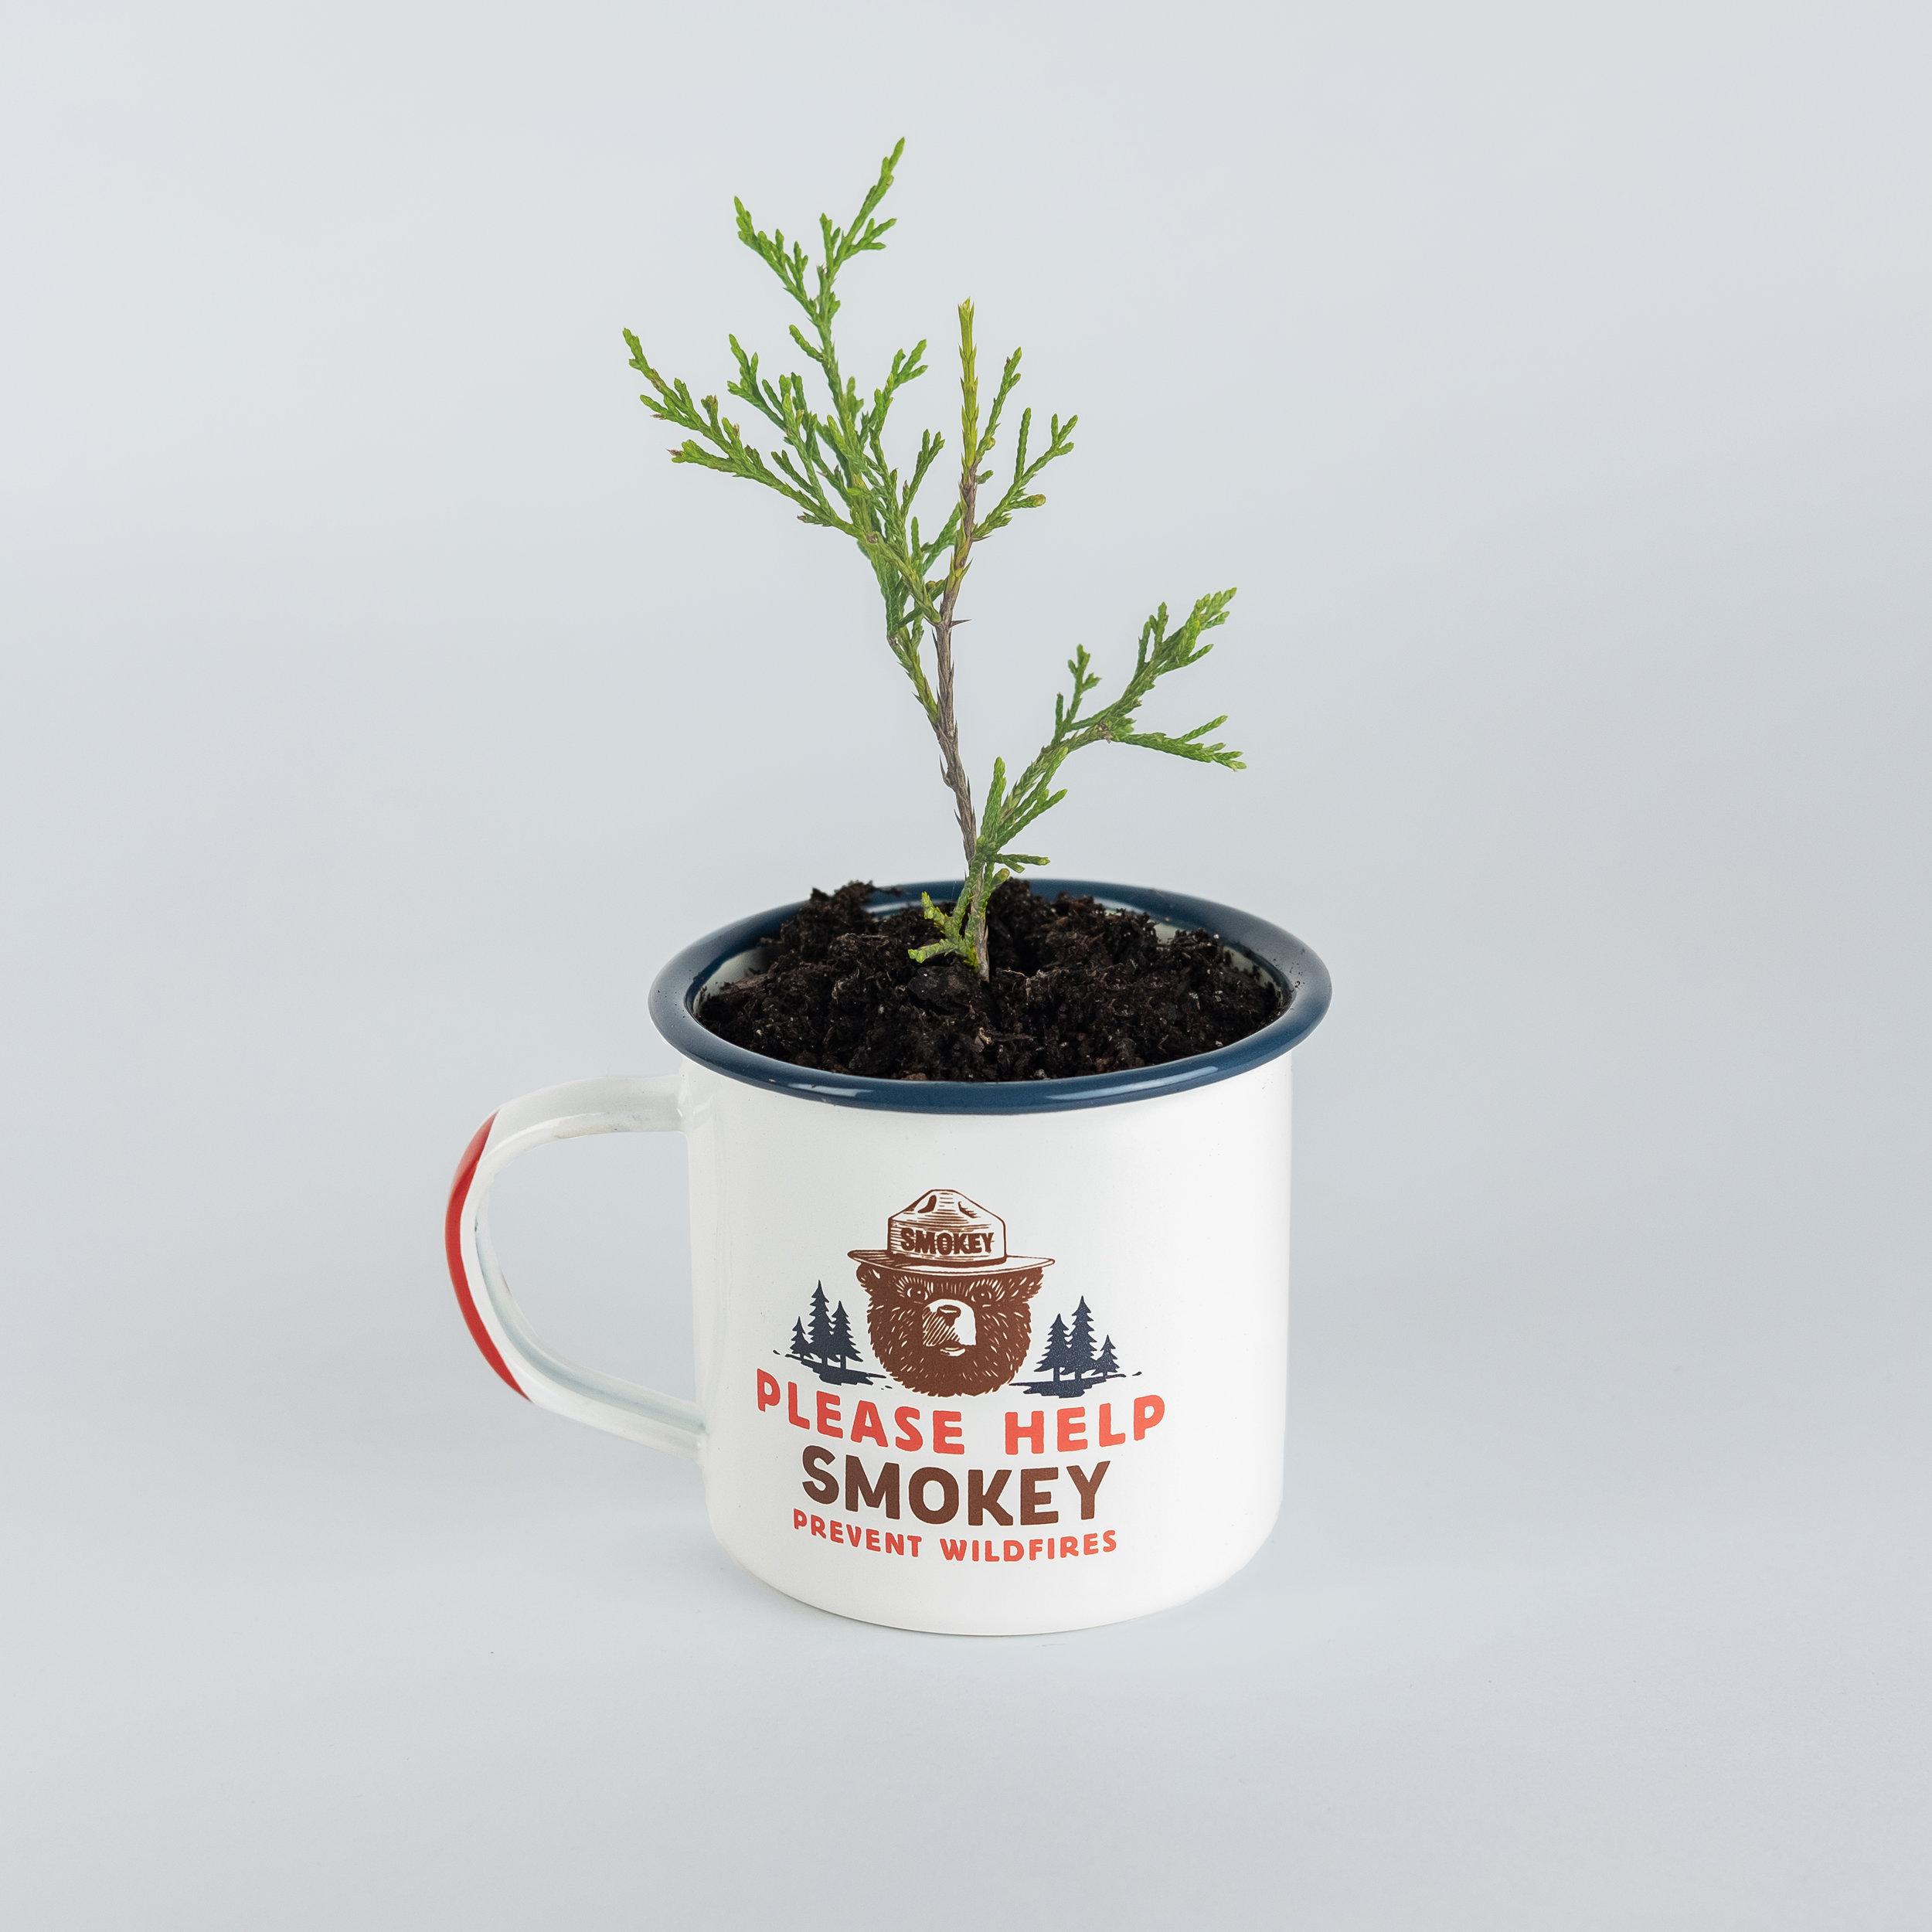 sprout-smokey-mug.jpg